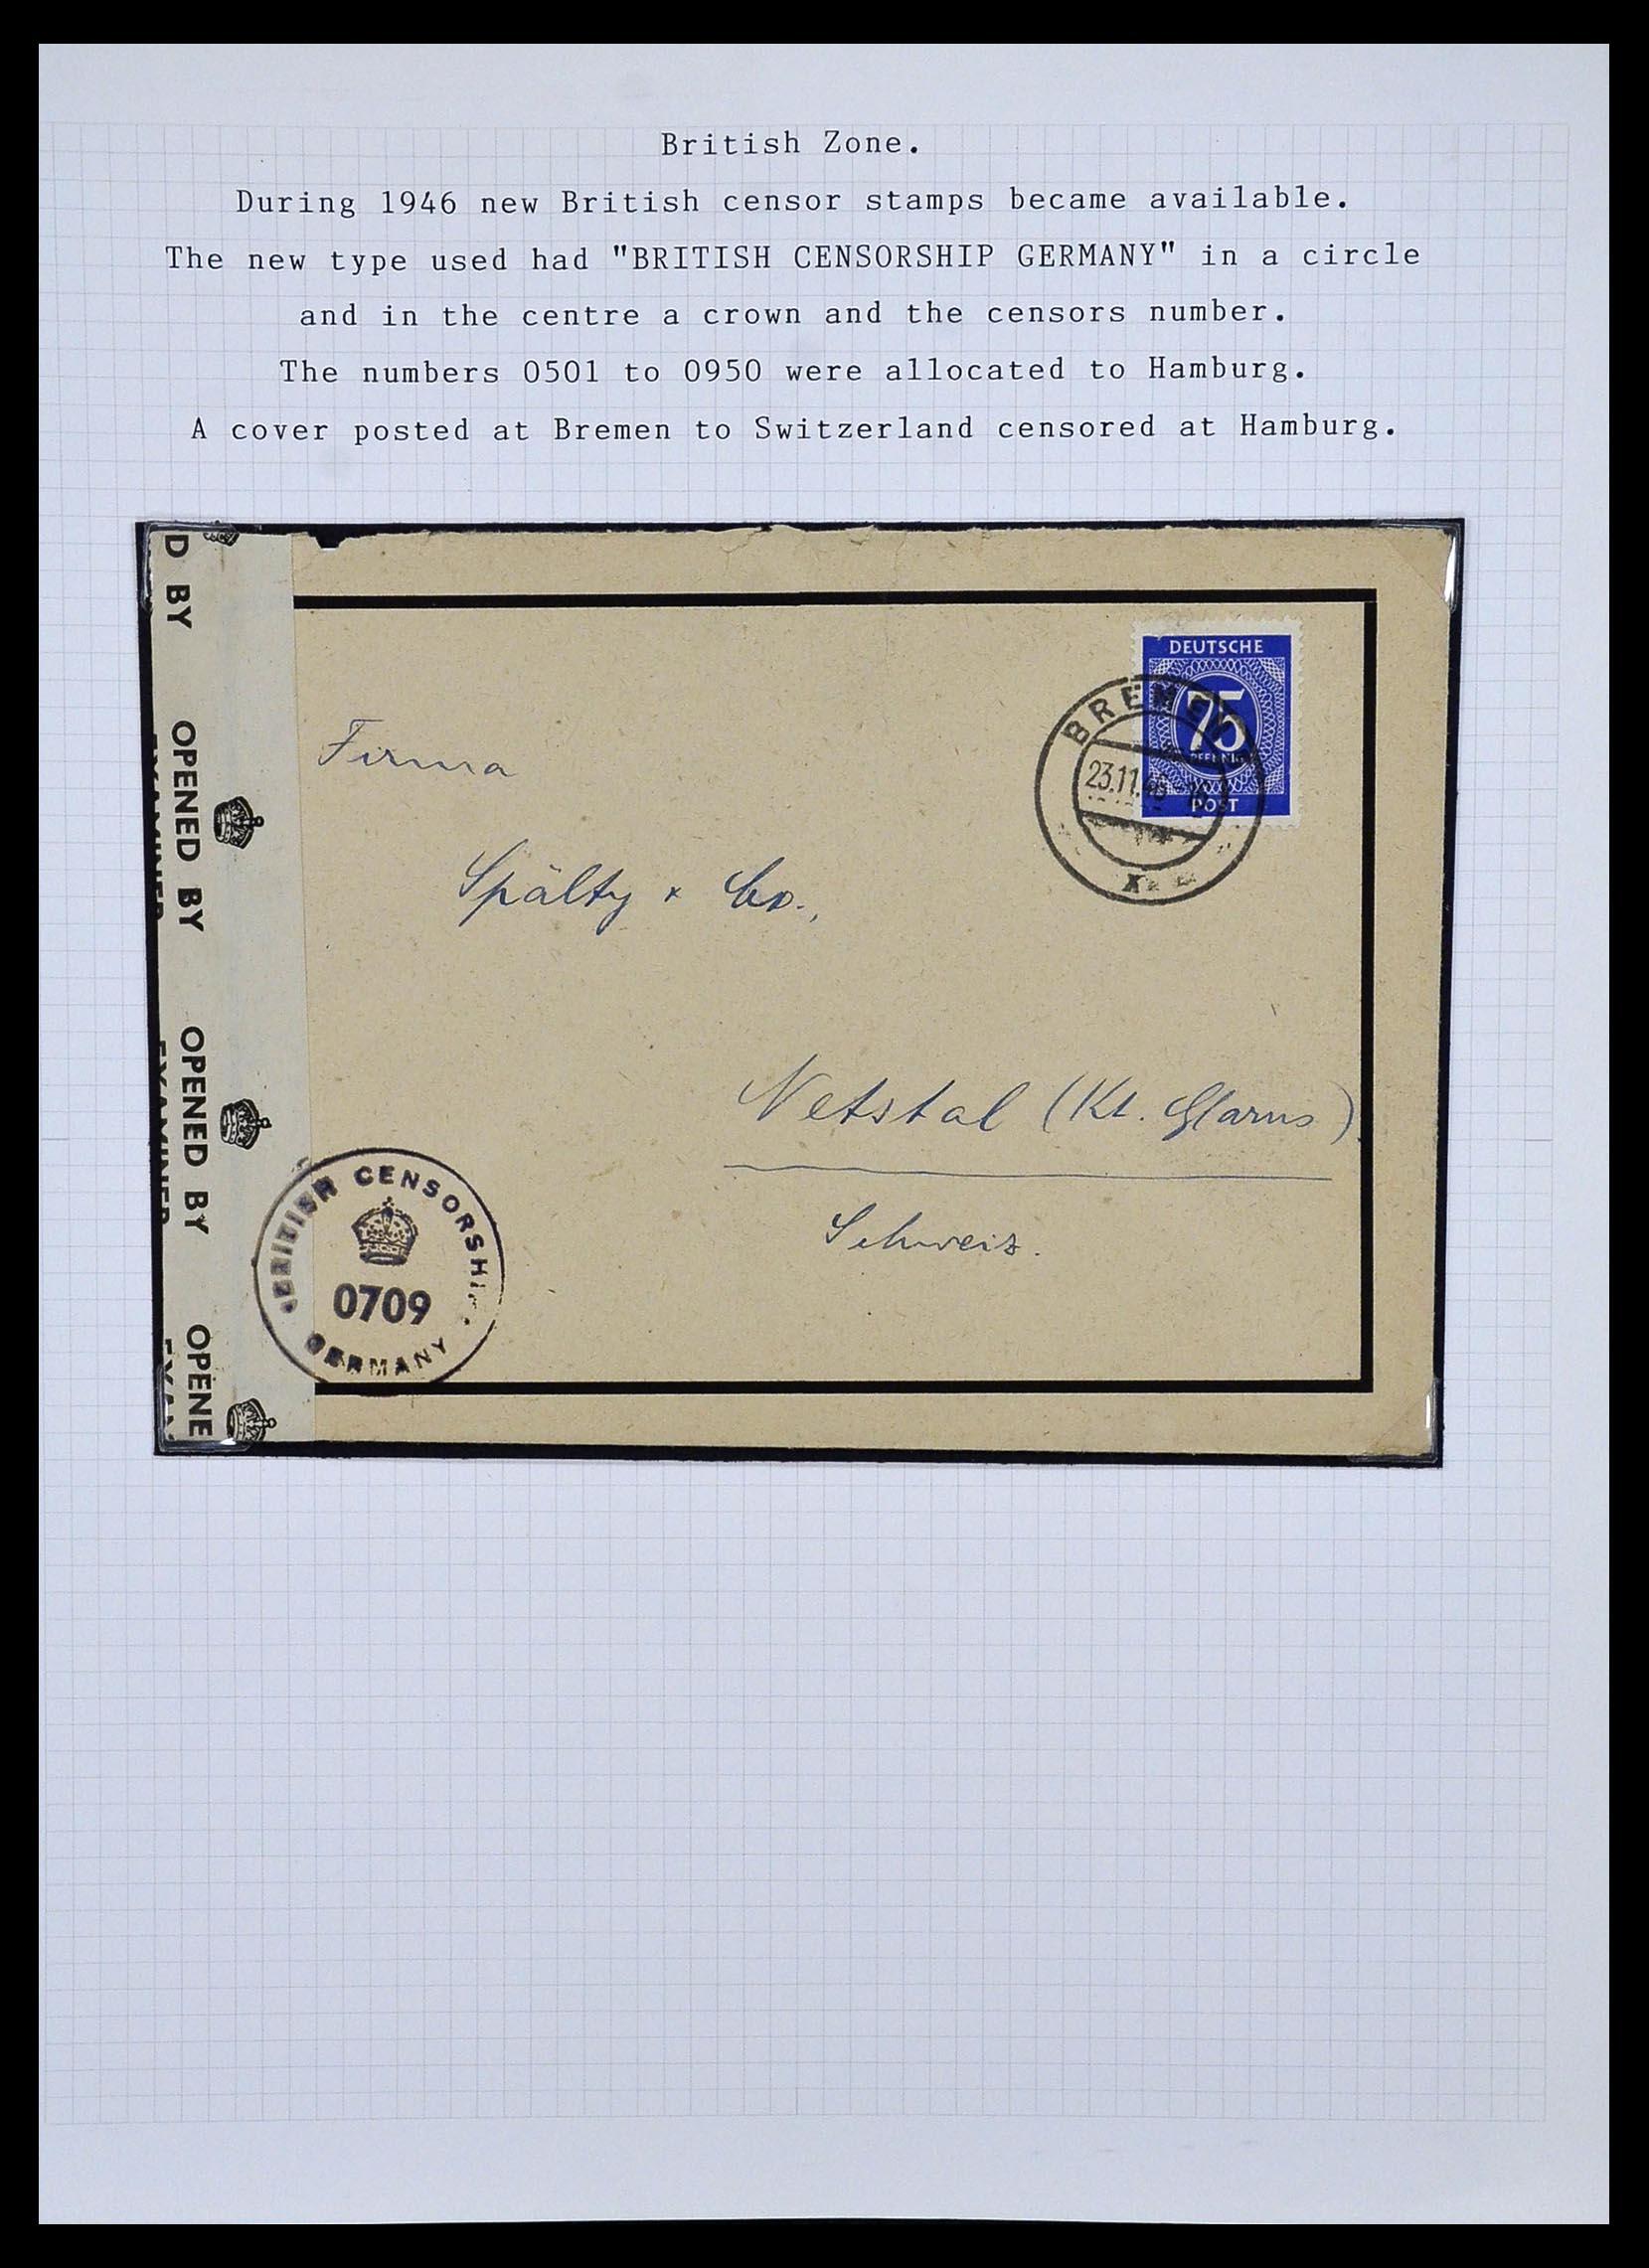 34032 006 - Postzegelverzameling 34032 Duitse Zones 1945-1948.